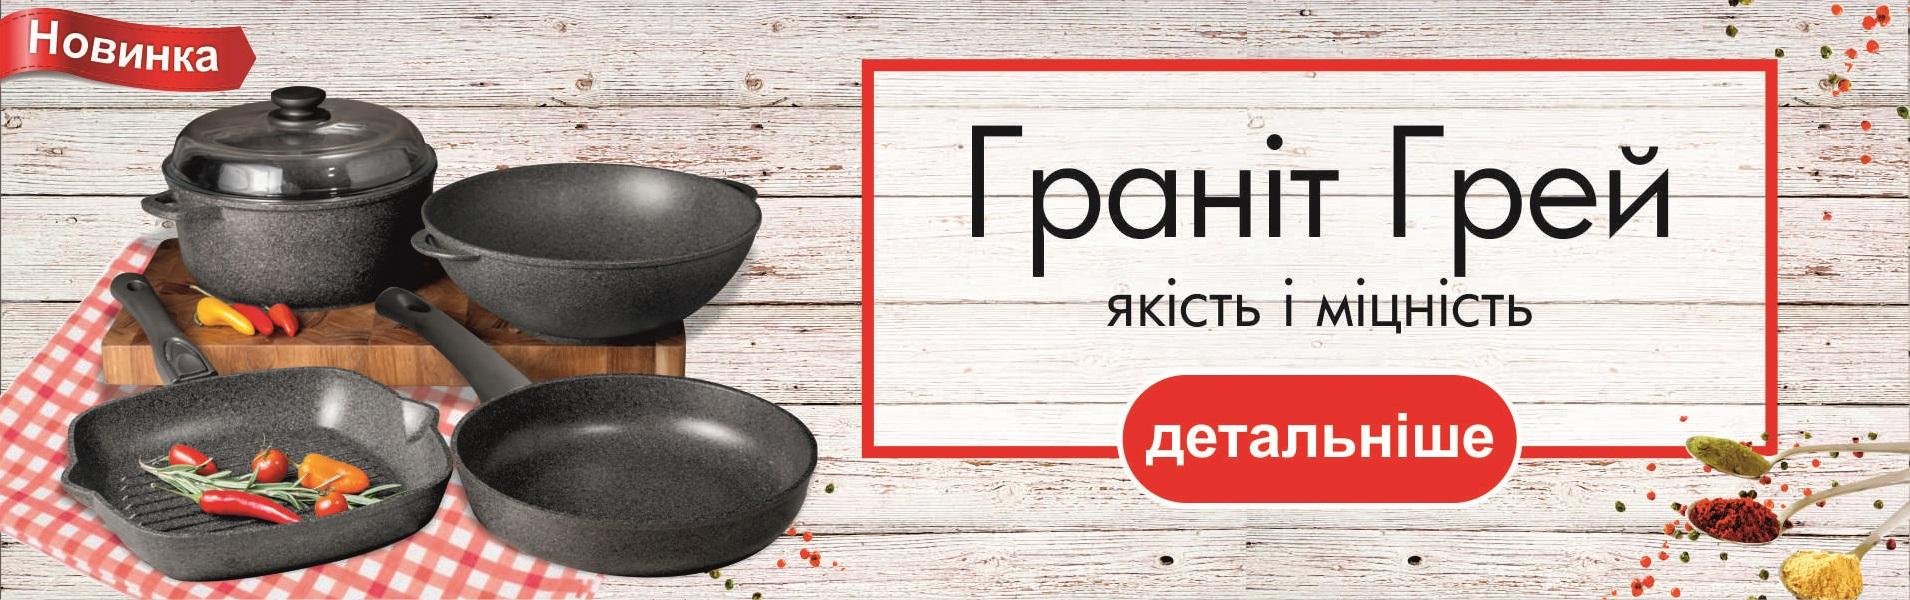 новинка_гранит грей_укр